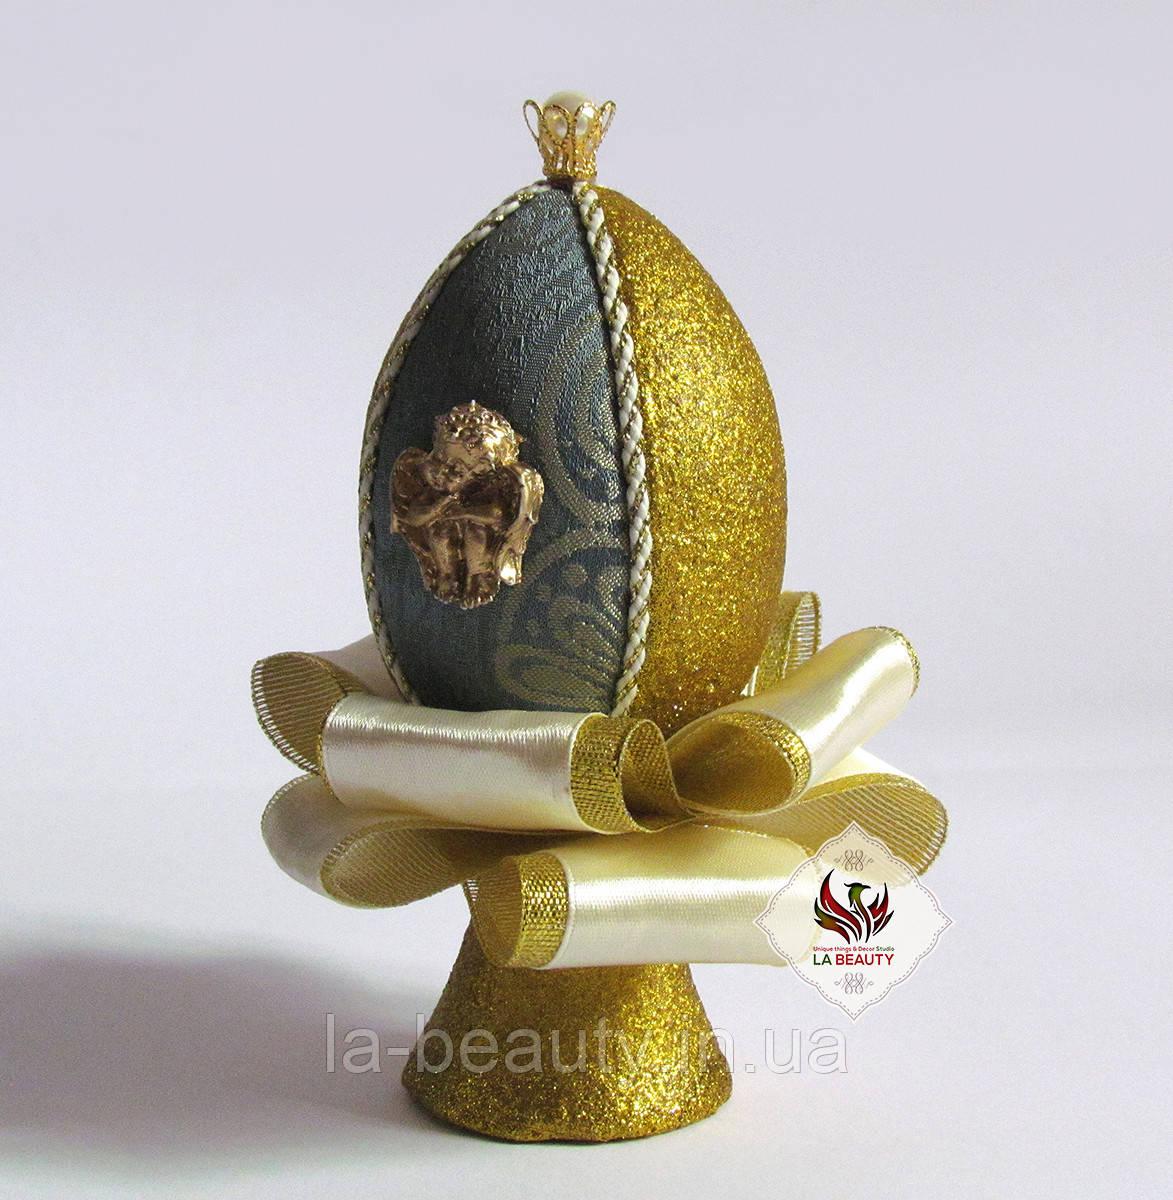 Декоративное яйцо Мята с золотом ручная работа (пасхальное)